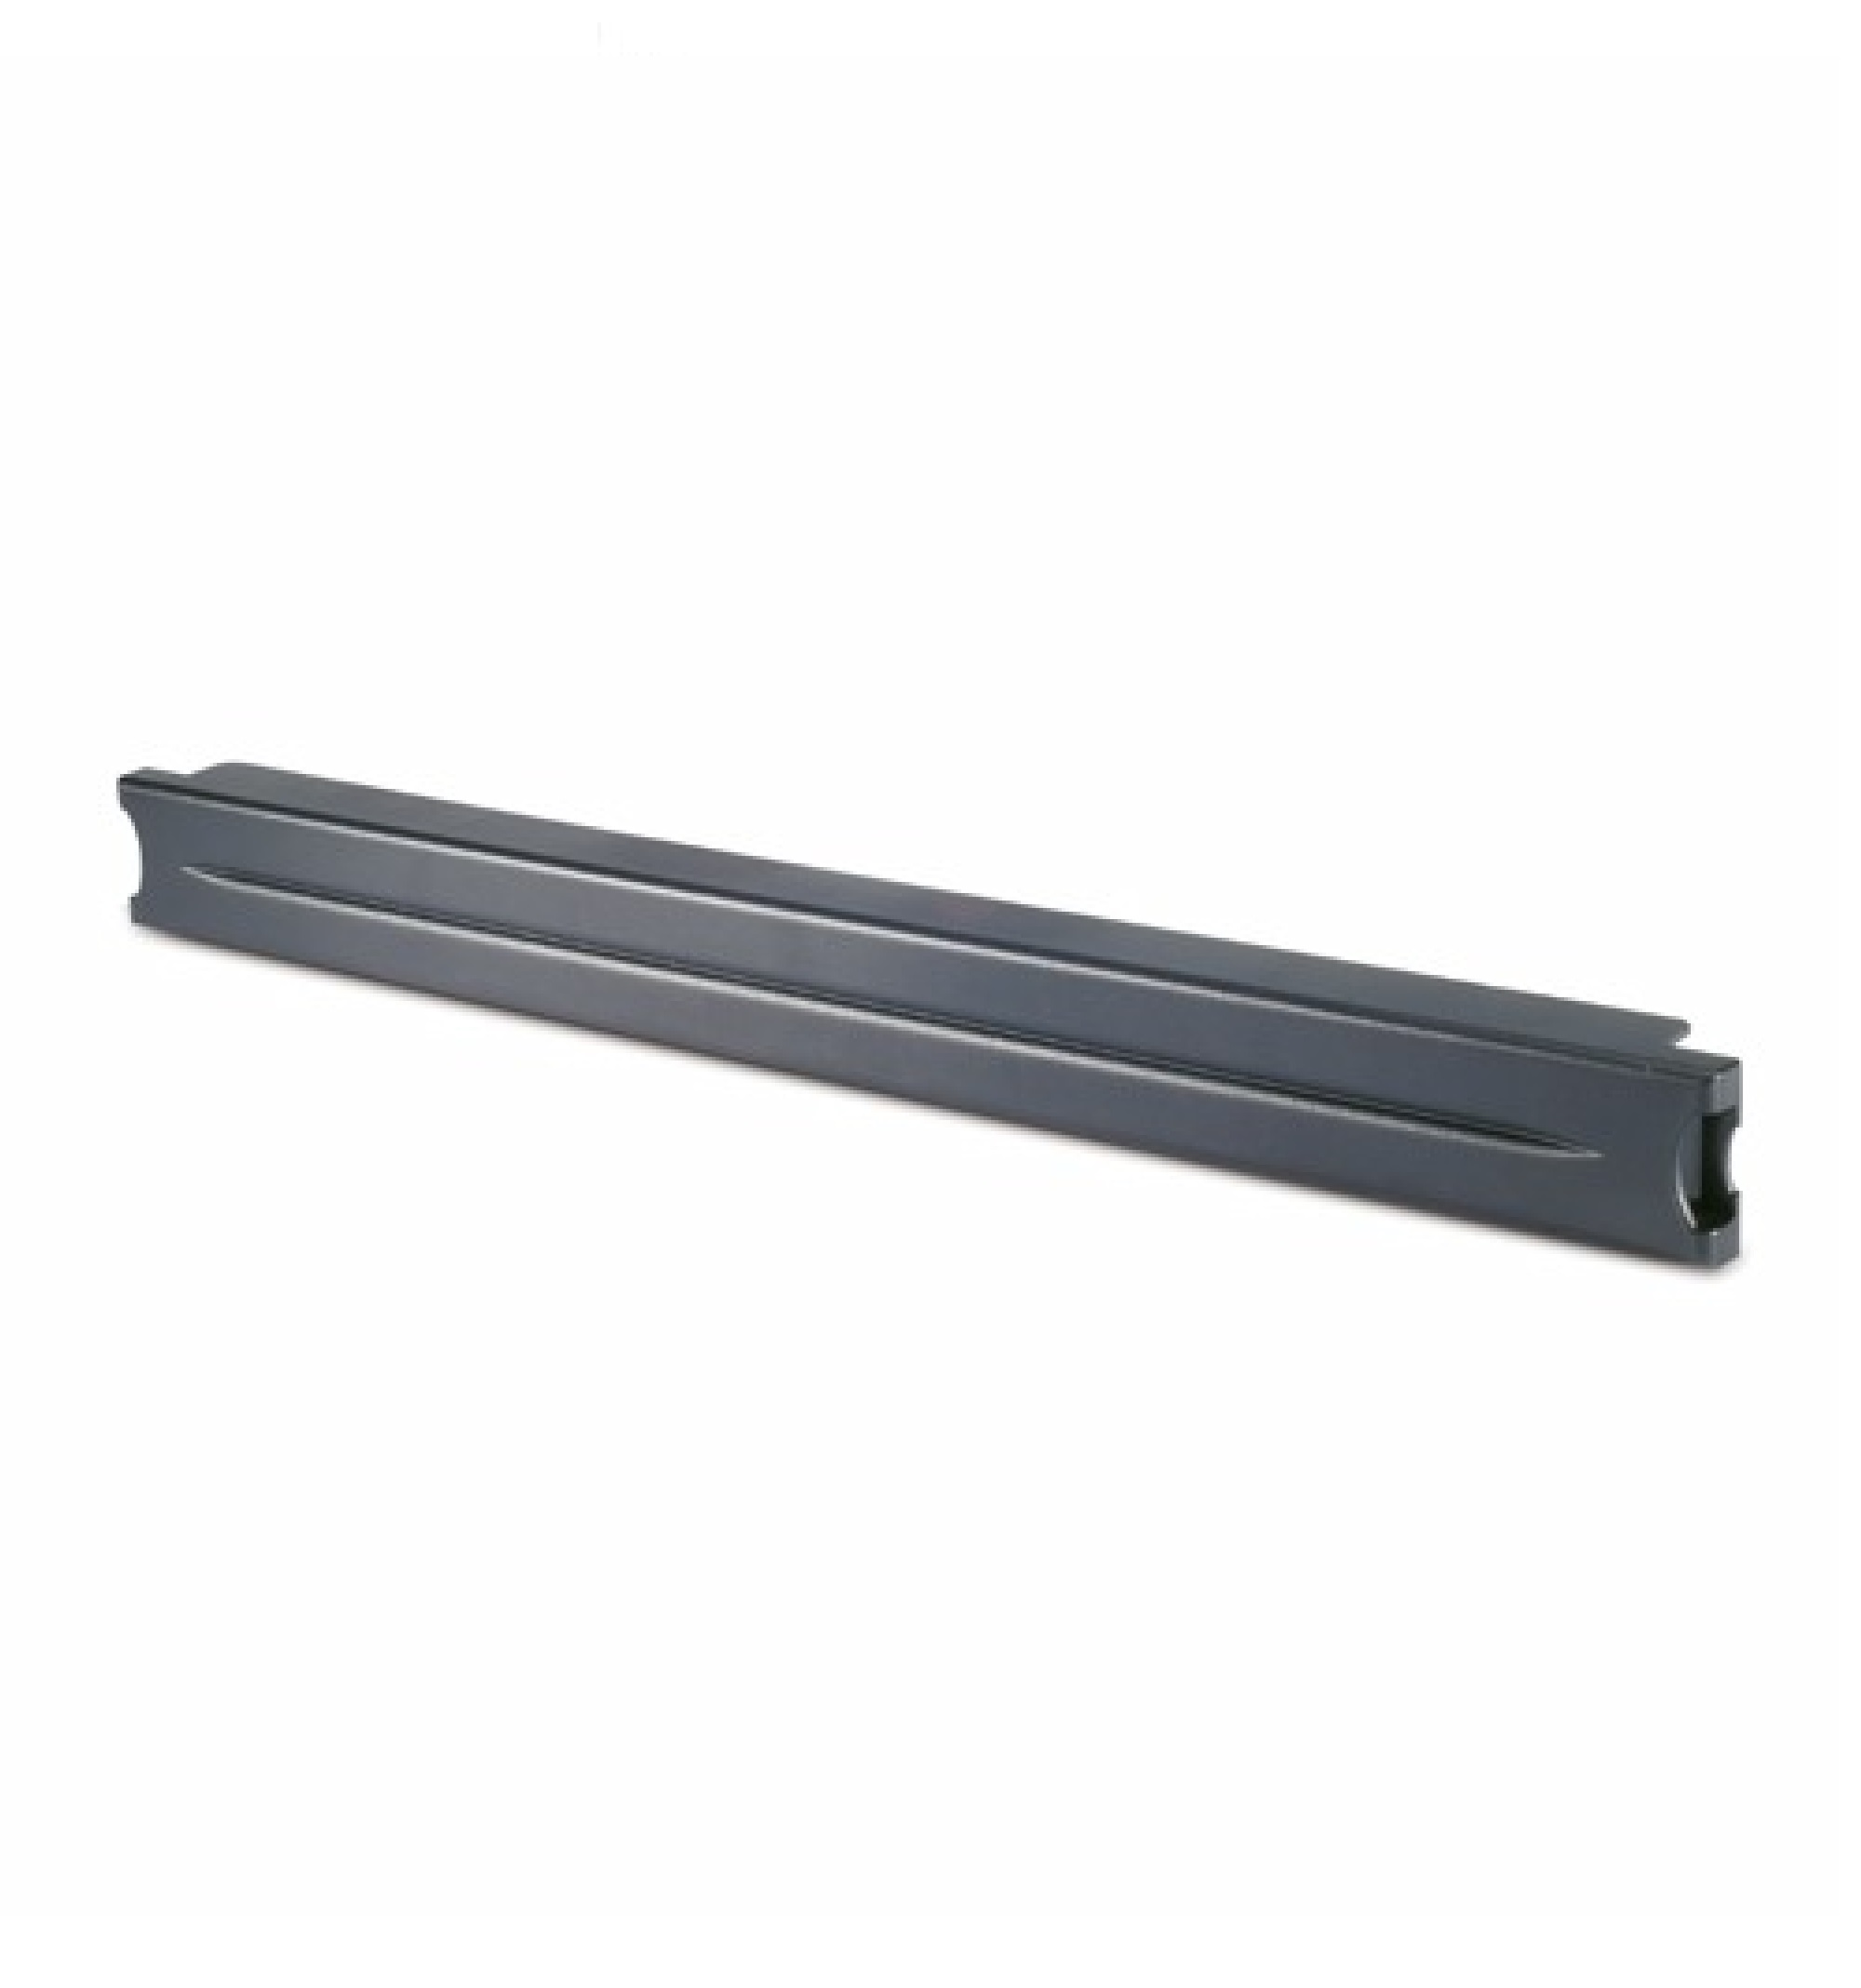 Painel de isolamento preto de 48.26 cm, de montagem sem ferramentas modular de 1 U para gerenciamento da circulação de ar - Quantidade: 10